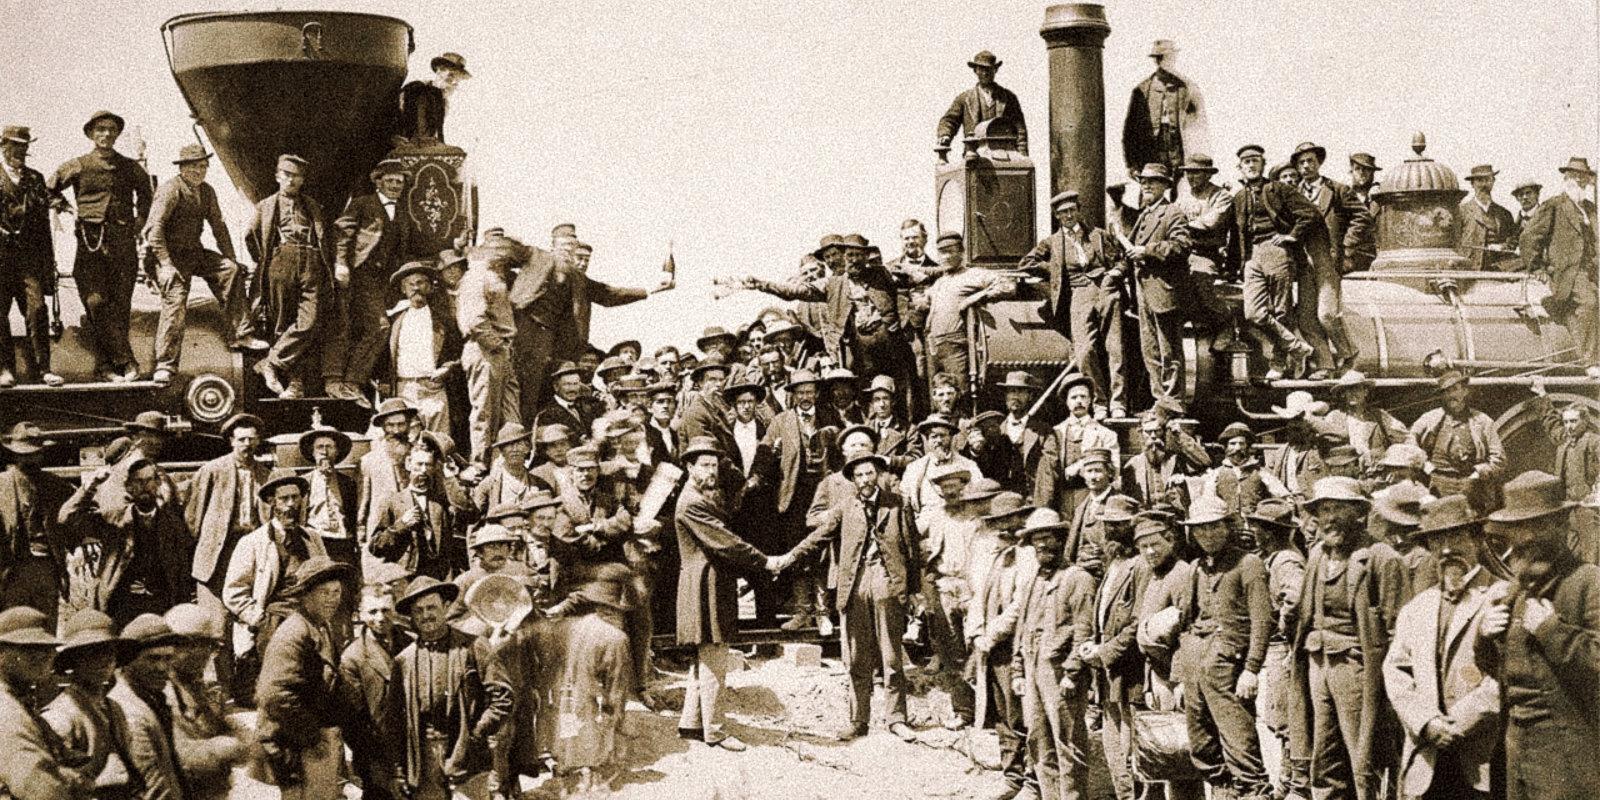 Imigrants no Rīgas 19. gadsimtā apģērbj mežonīgo Rietumu darbaļaudis